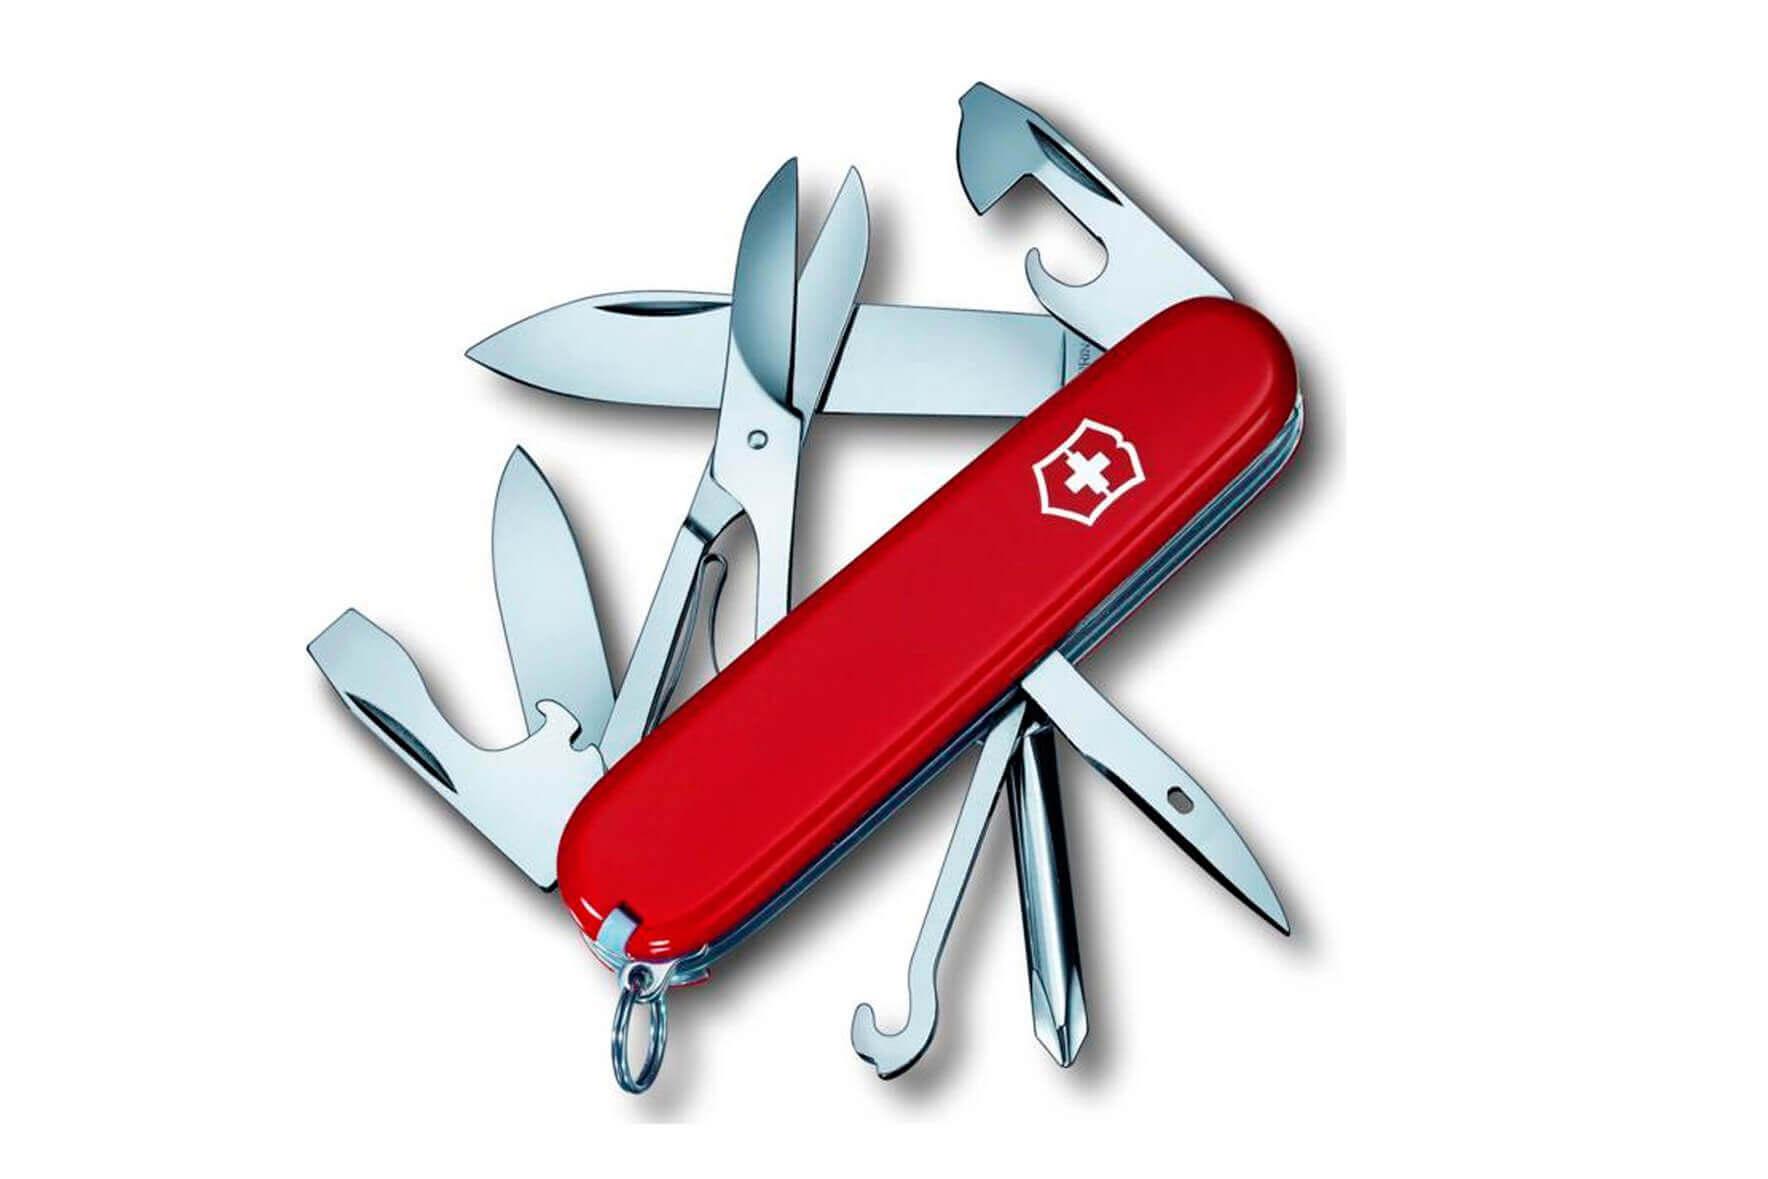 Lommekniv med logo